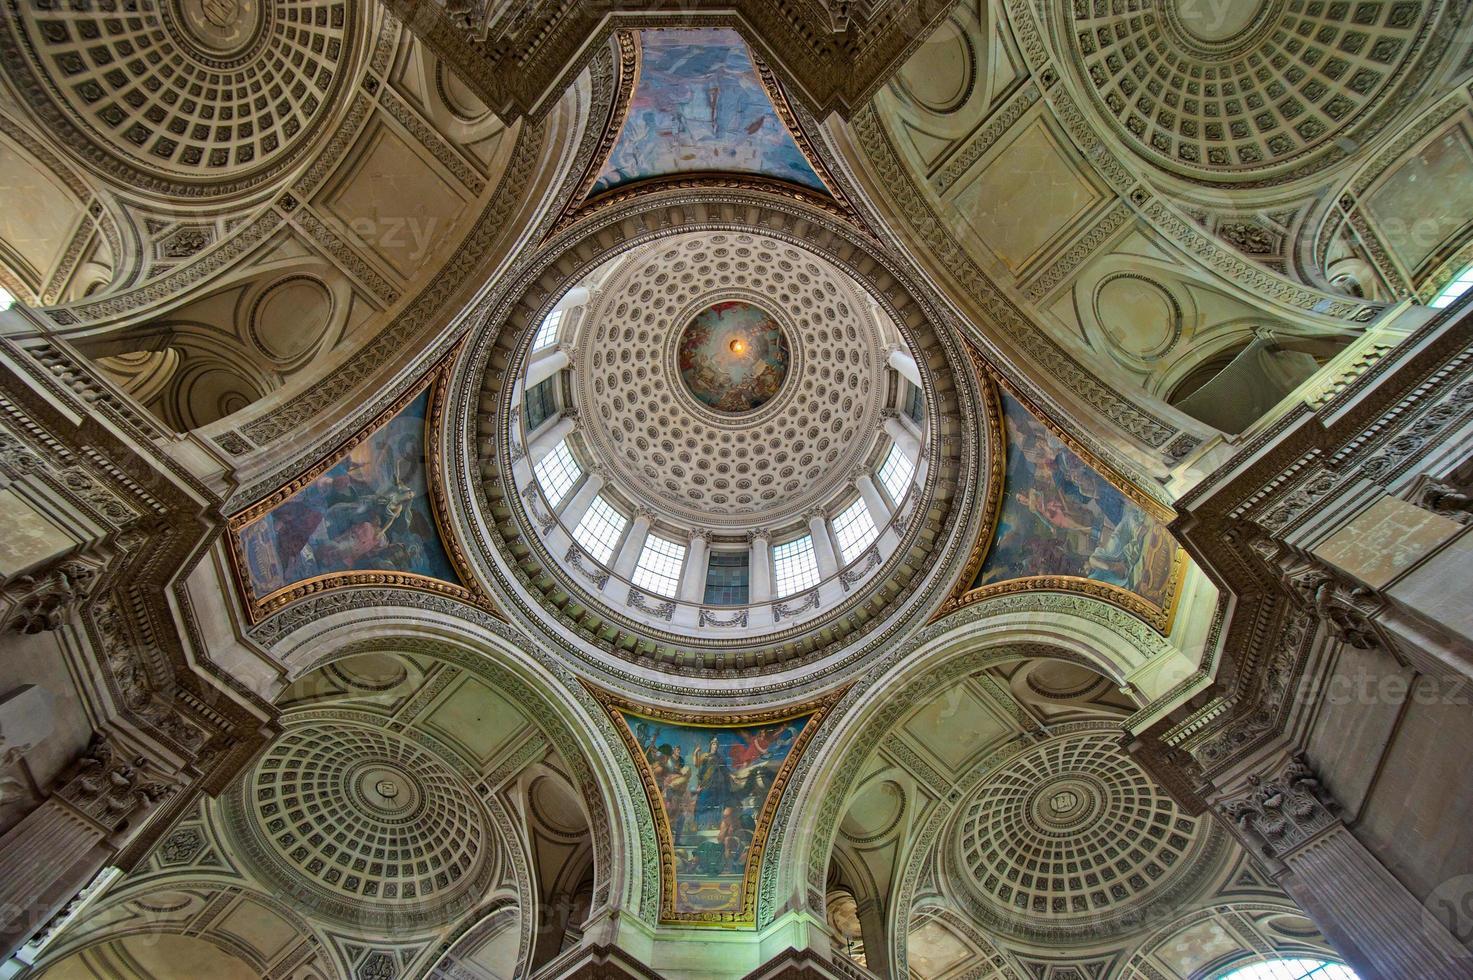 cúpula do panteão, paris, frança foto